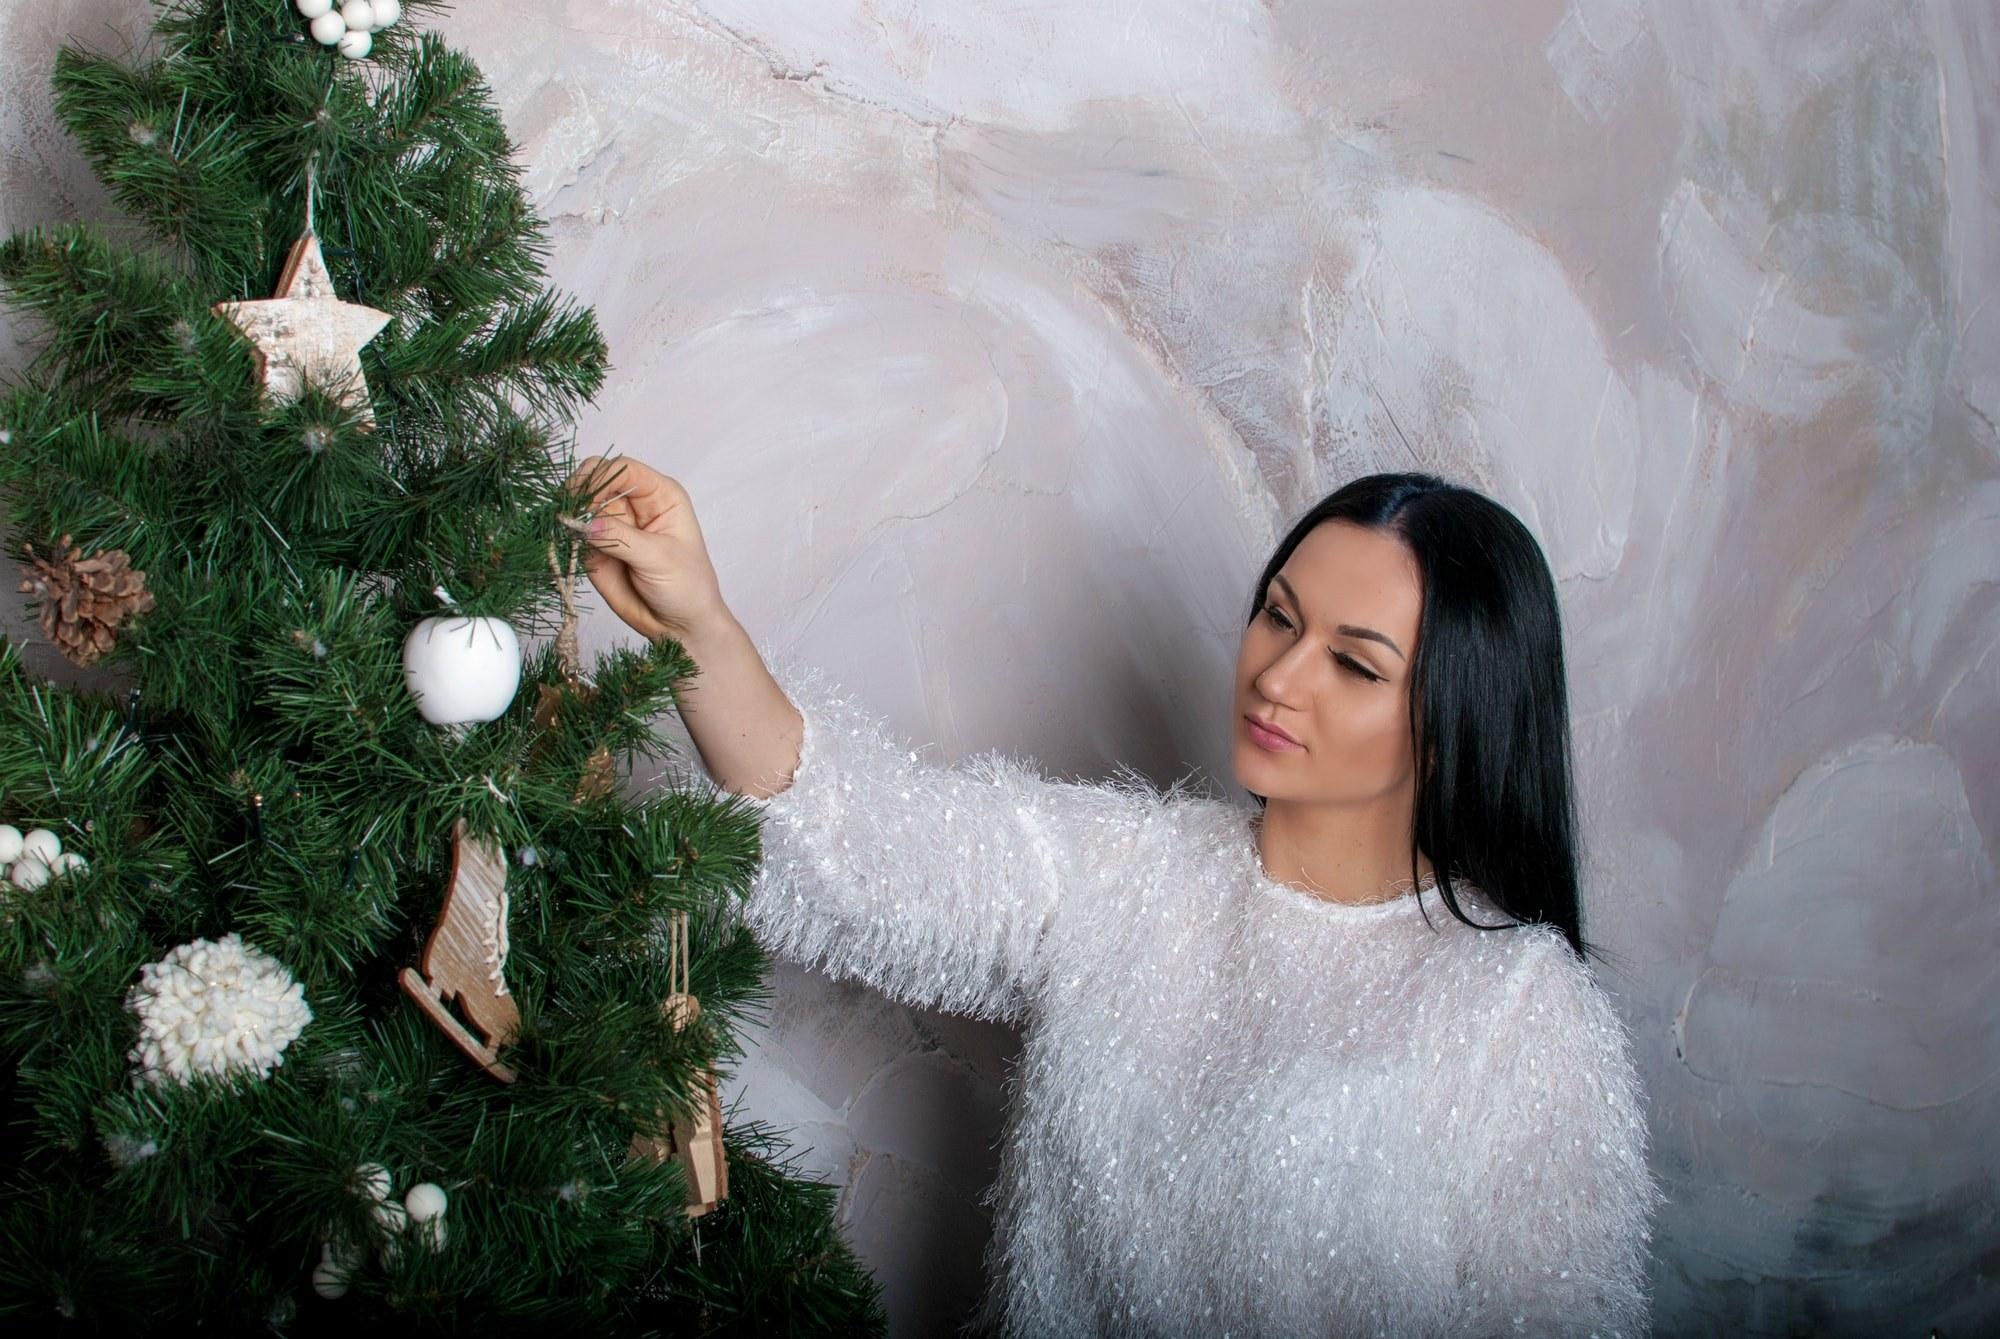 Украшение елки - Фотограф Киев - Женя Лайт